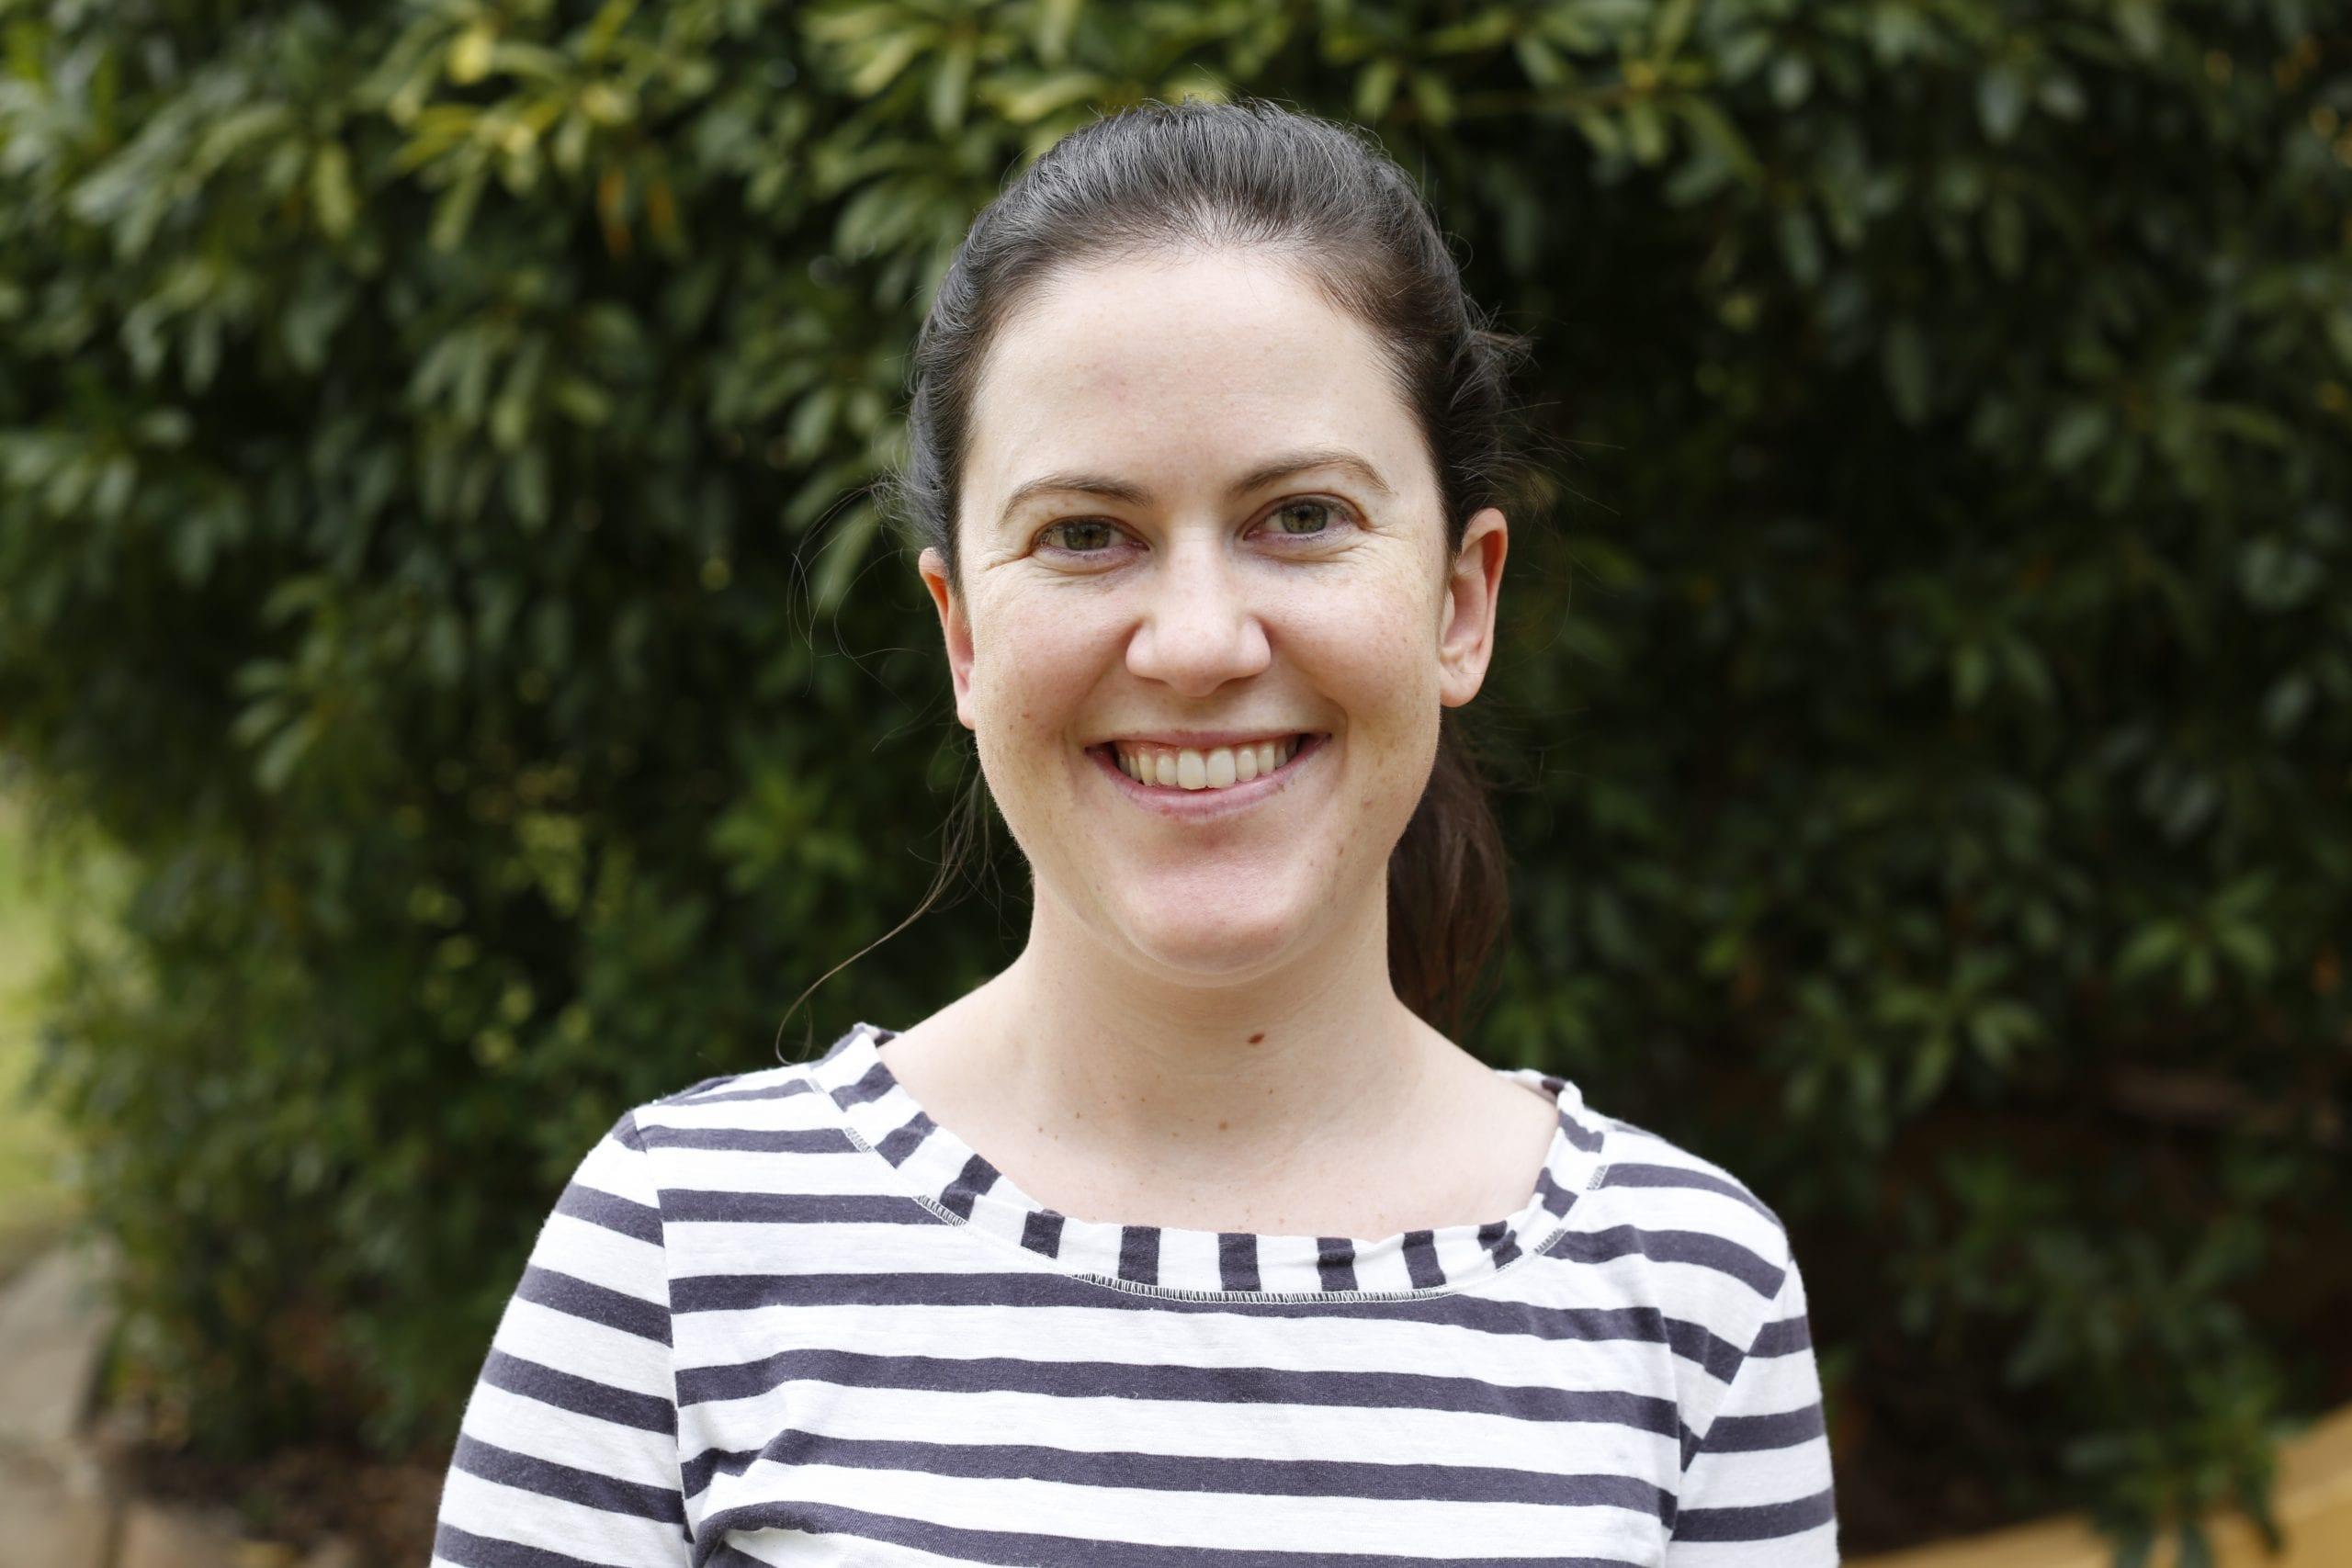 Lauren Picone